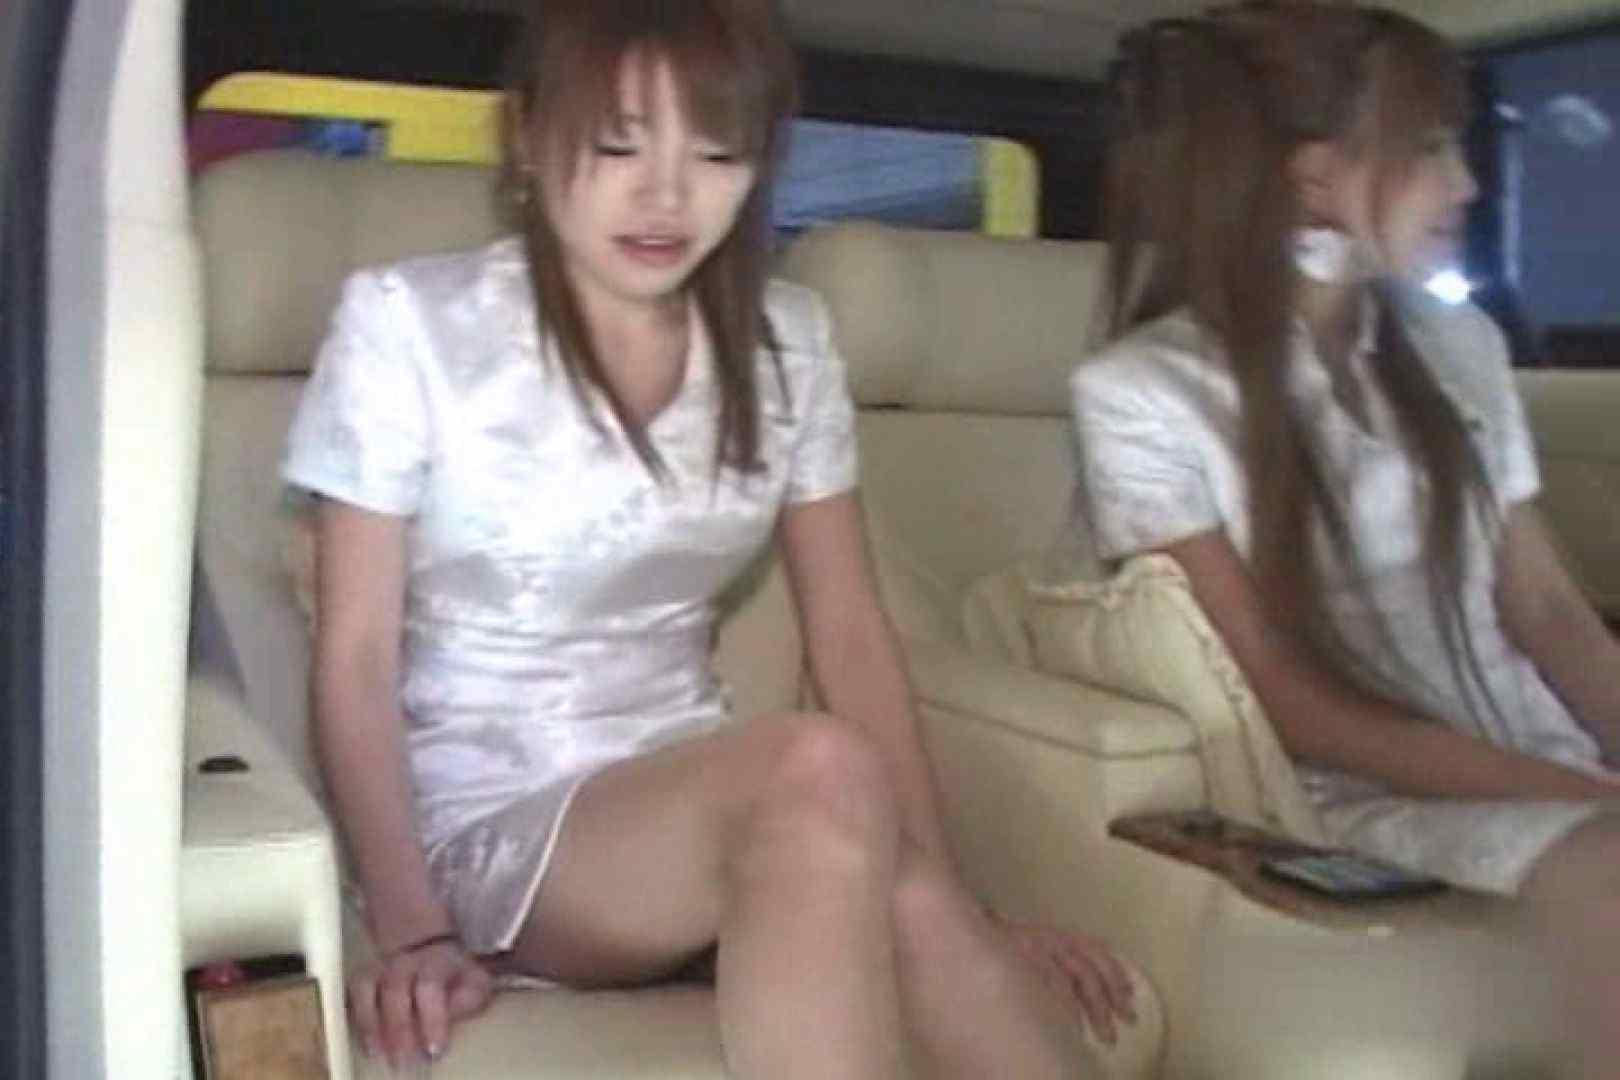 RQカメラ地獄Vol.27 美女 | OLの実態  76pic 3